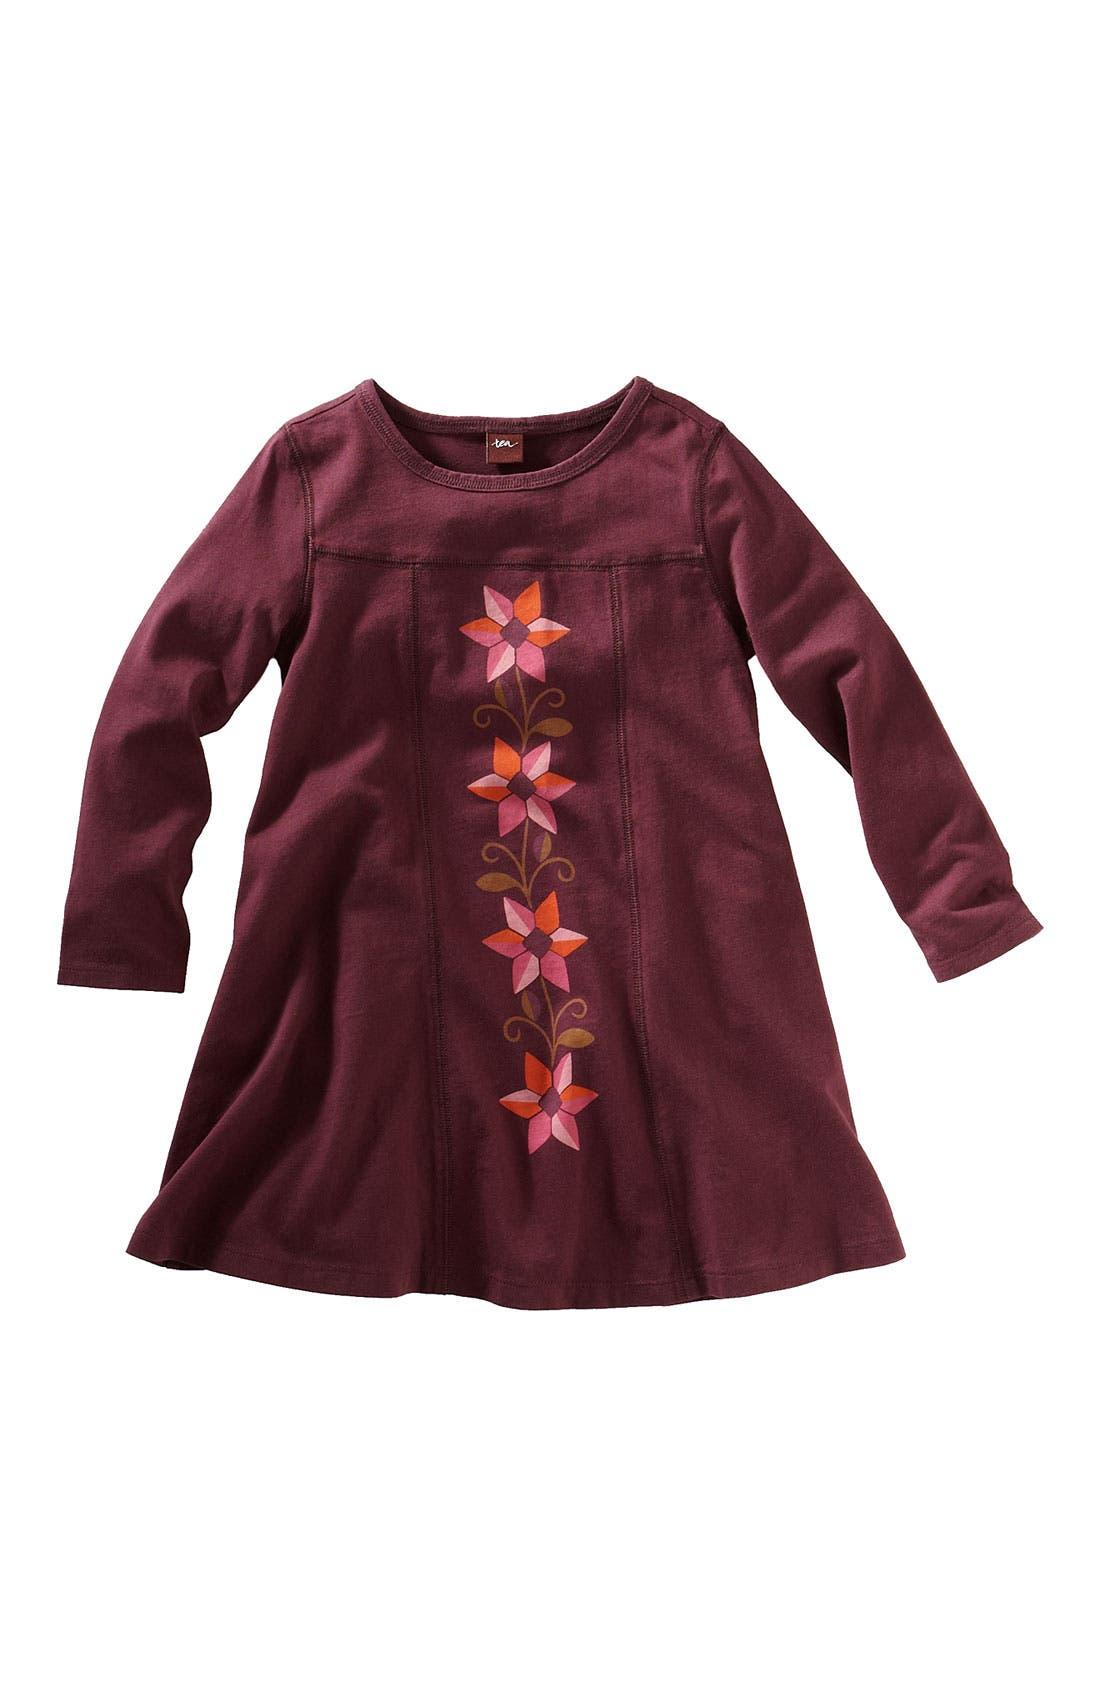 Main Image - Tea Collection 'Matilde Flores' Dress (Toddler)